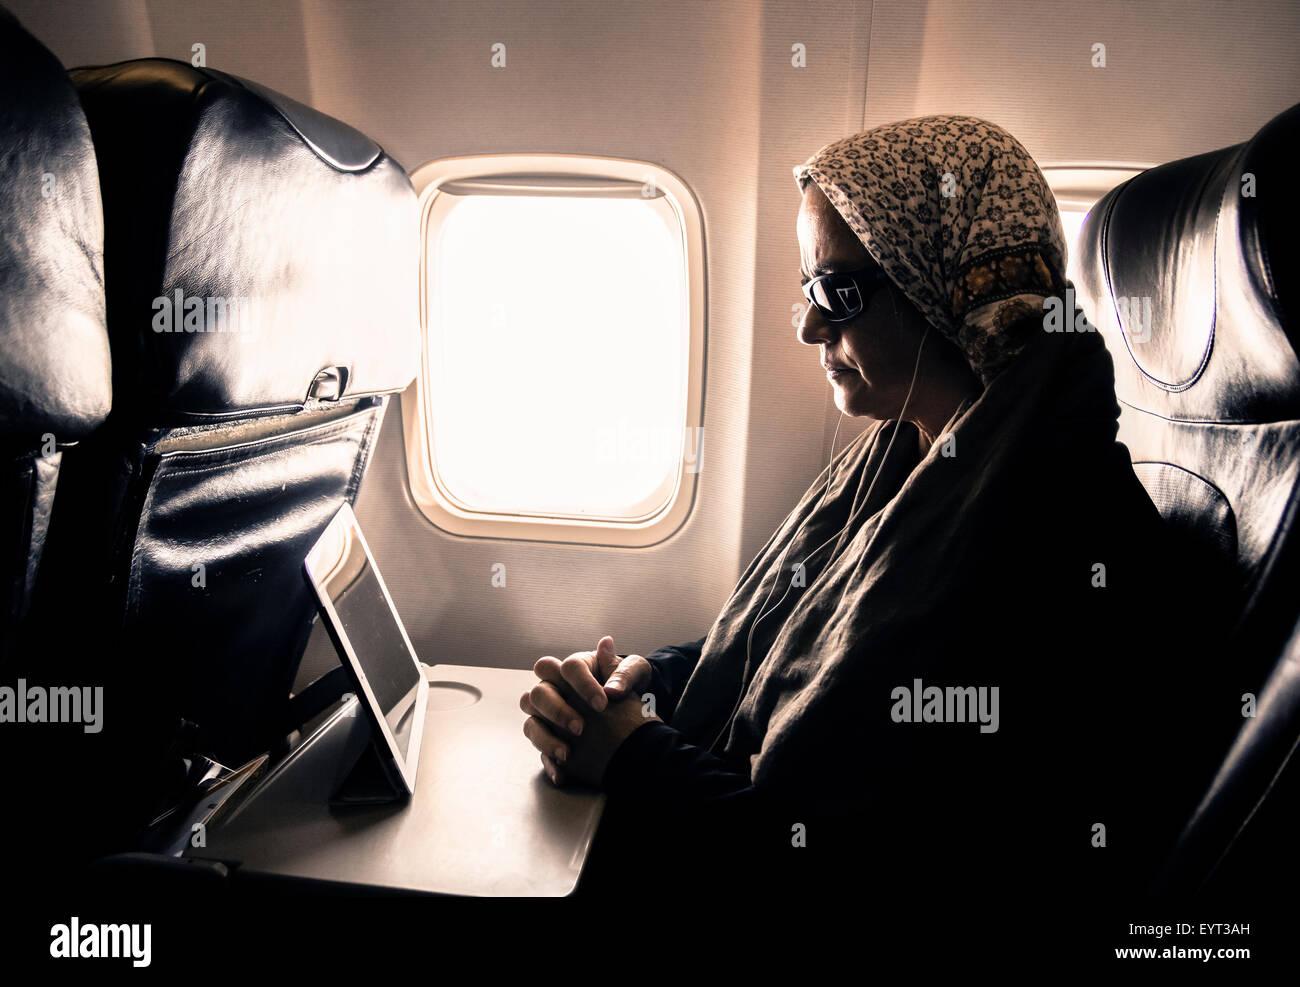 Frau Buch auf Tablet-Gerät im Flugzeug Fensterplatz Stockbild